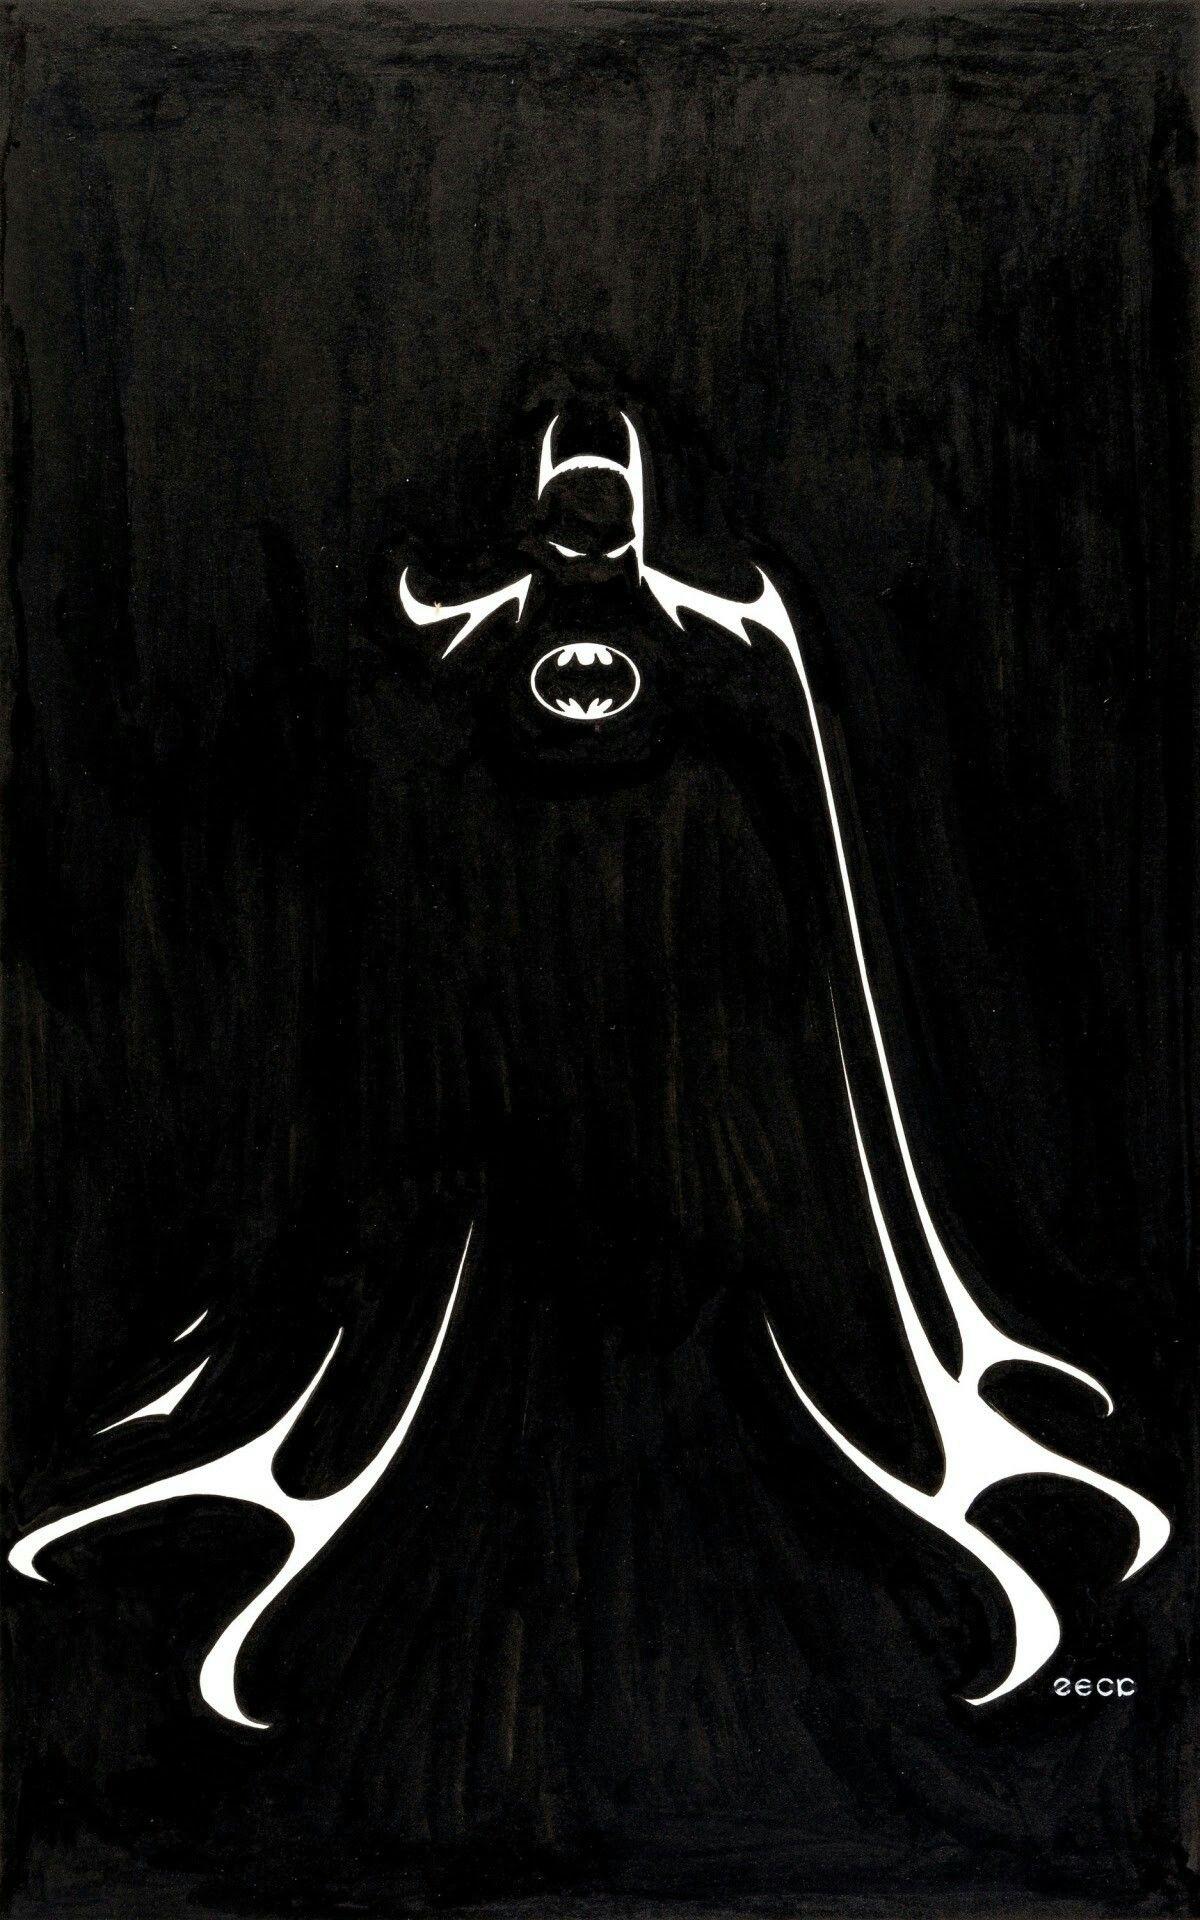 Uma das melhores imagens onde aparece, um dos melhores ícones heróicos da DC e da Marvel.